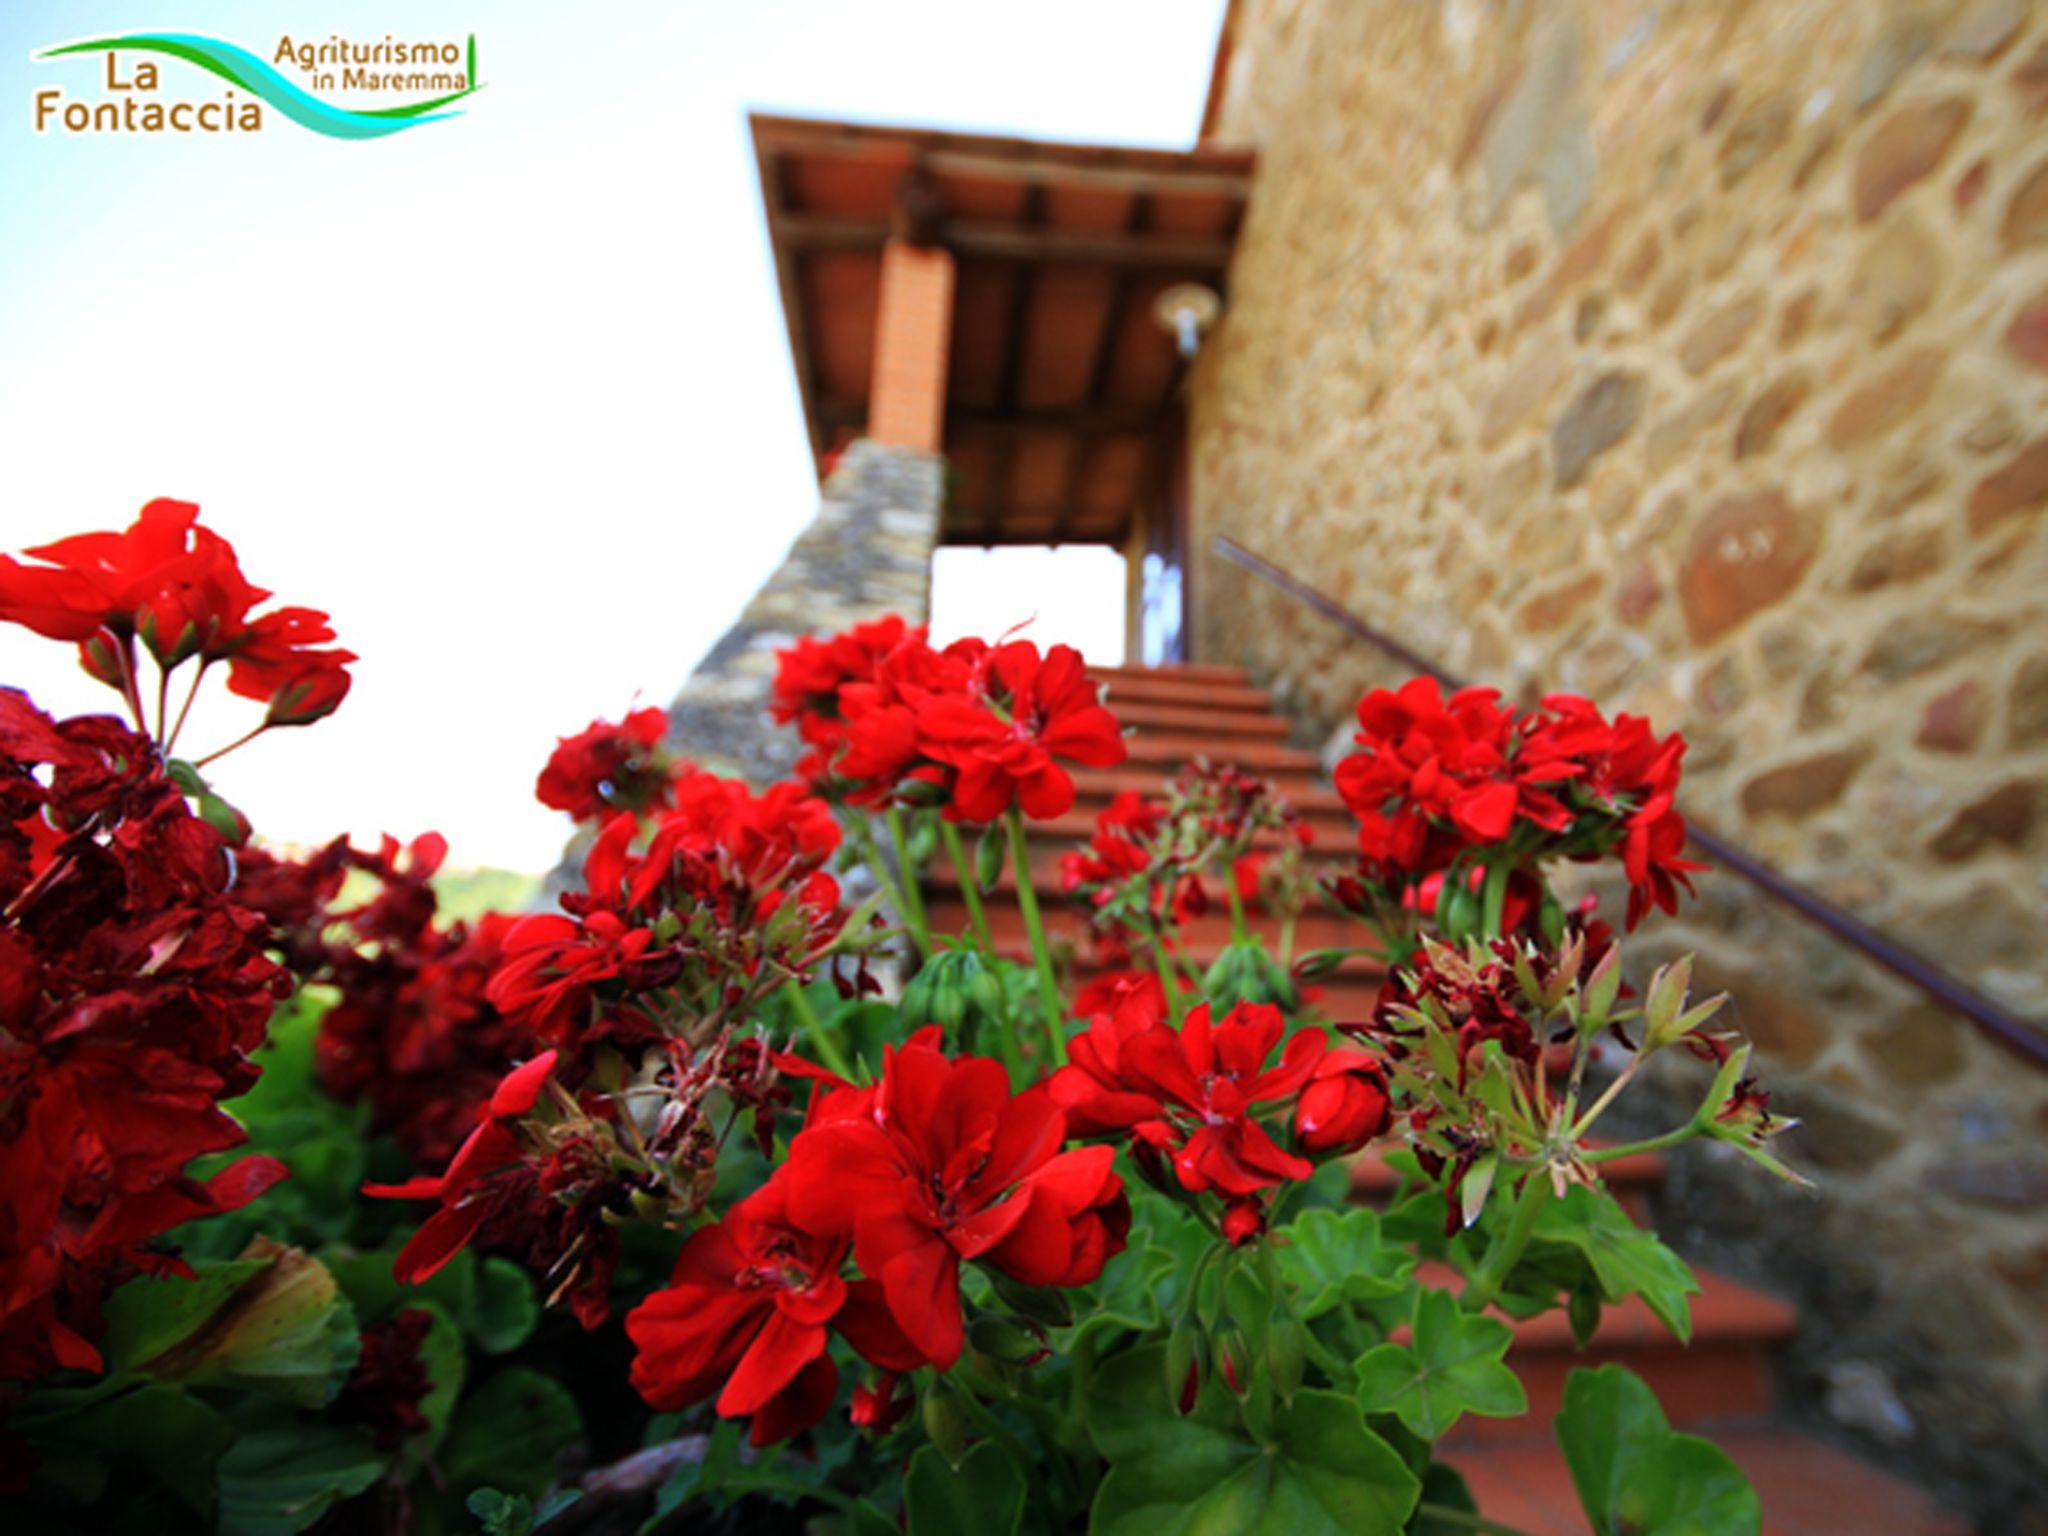 Villa Fontaccia - Villa Fontaccia photo 13831175